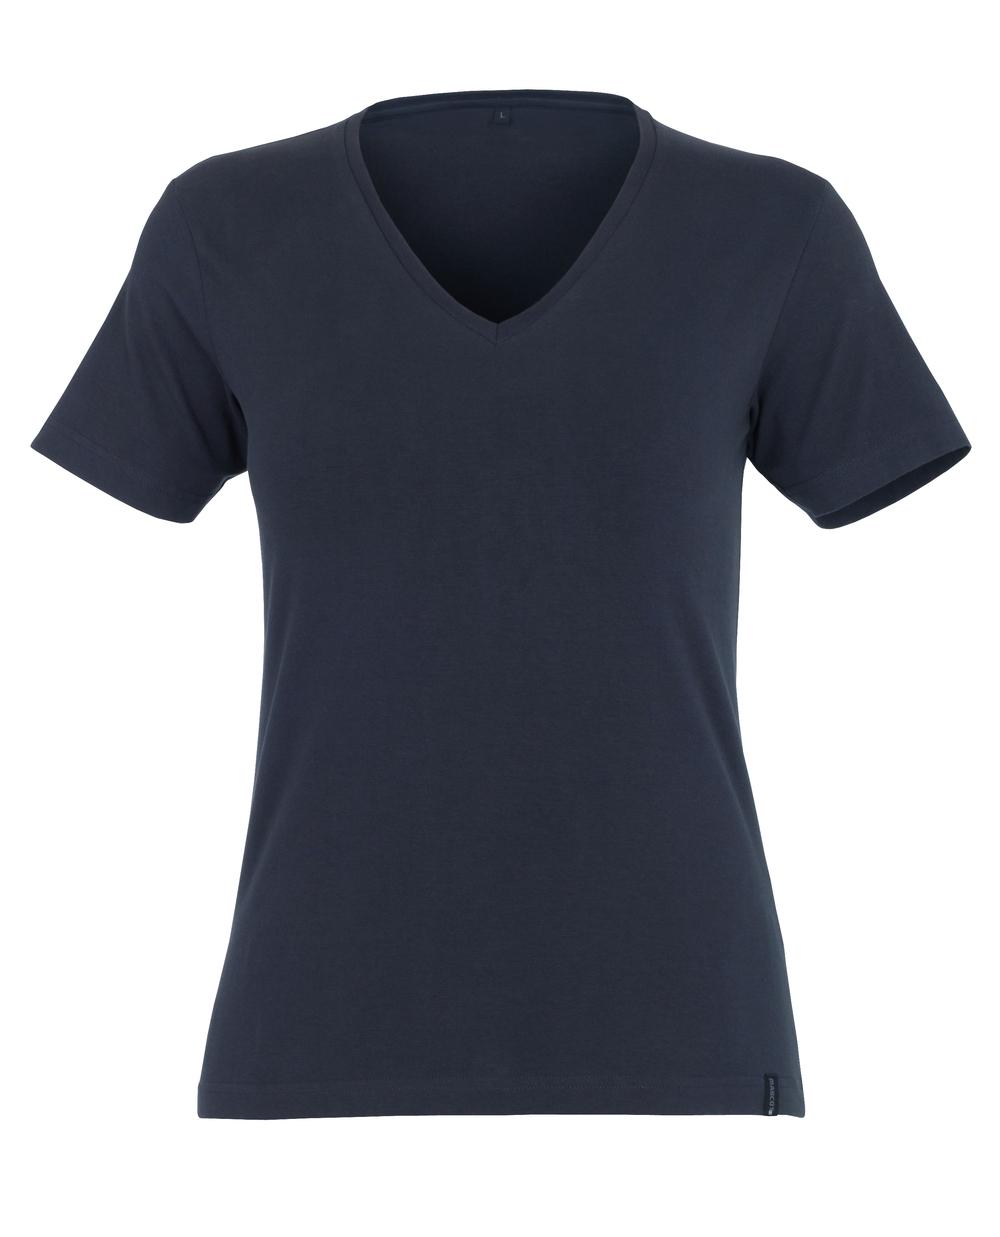 50369-862-010 T-skjorte - mørk marine